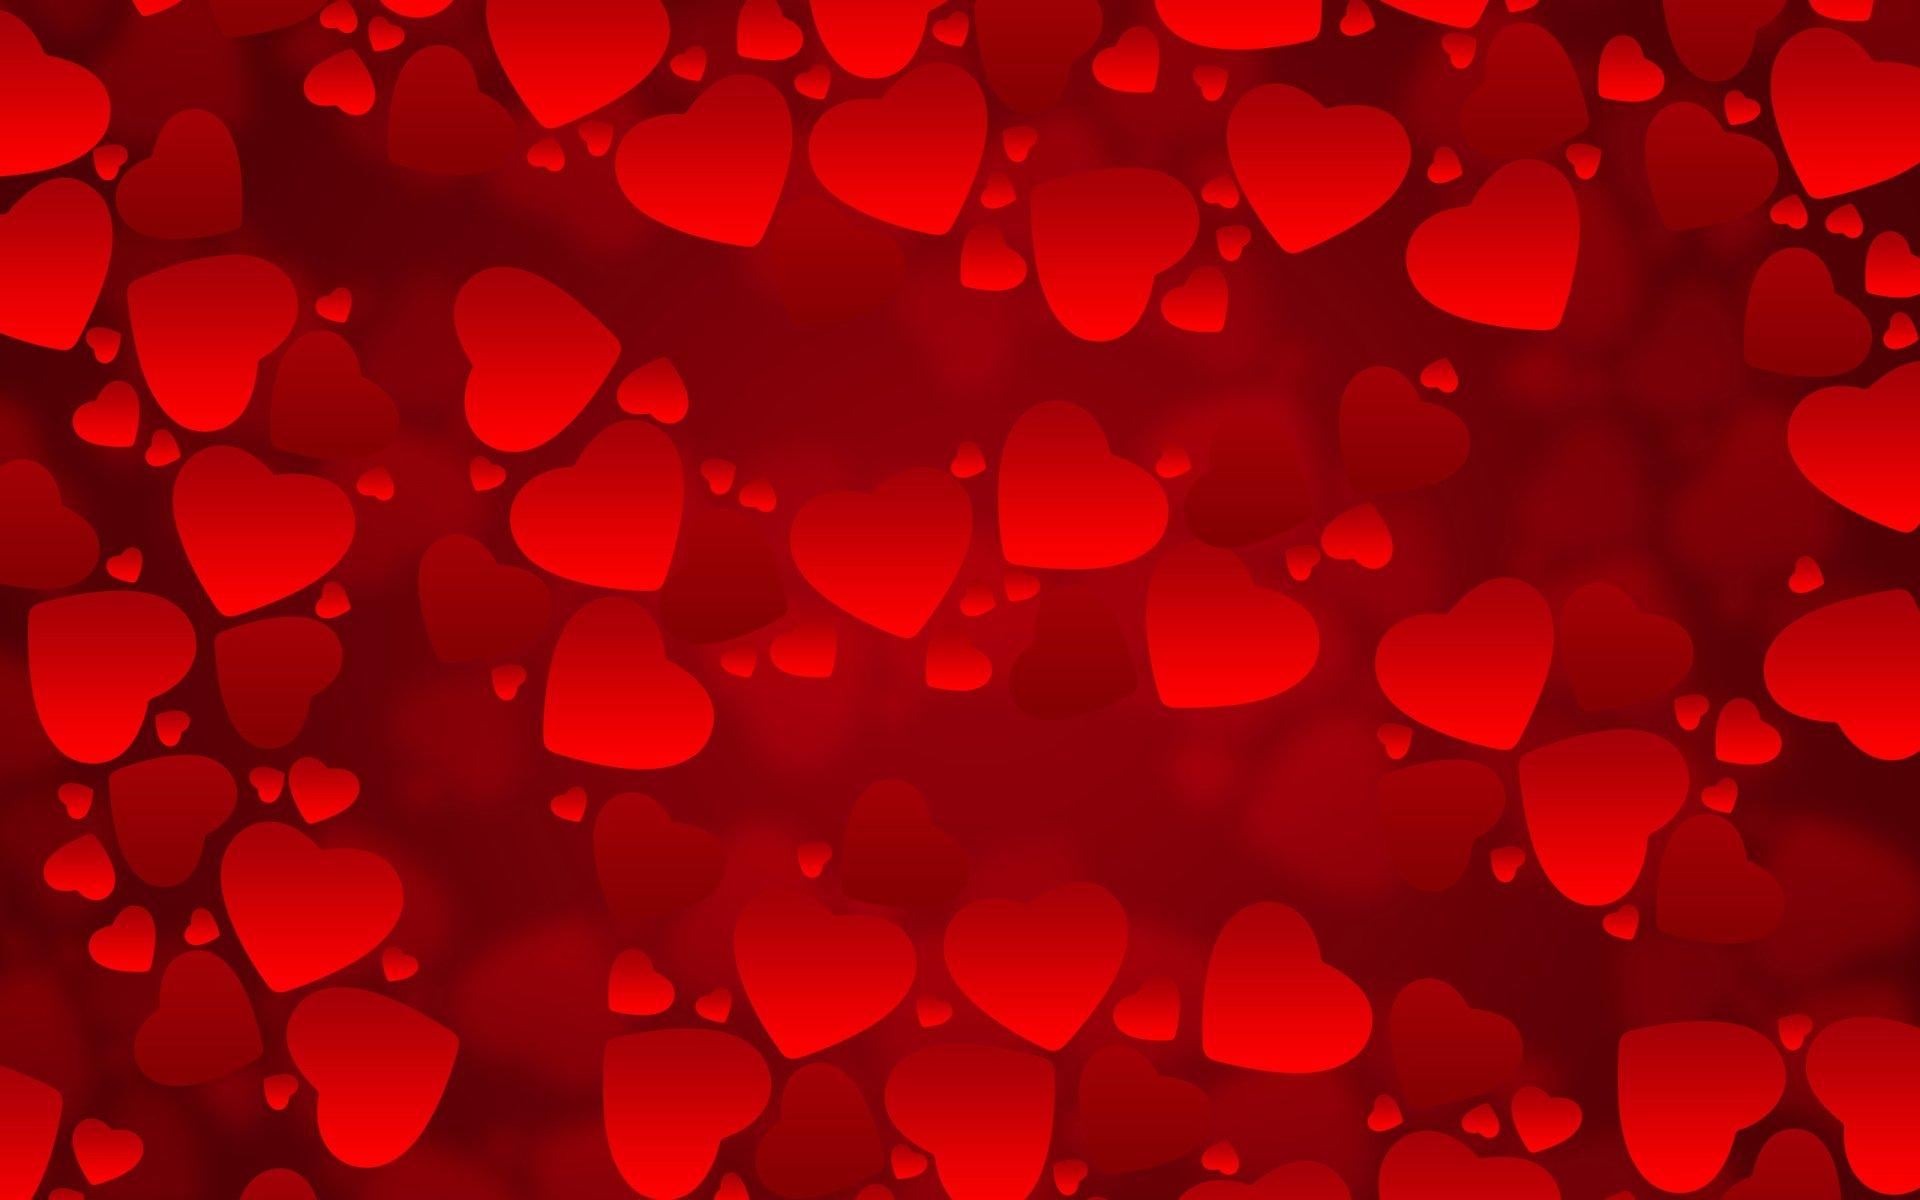 节日 - 情人节  Romantic 爱 壁纸